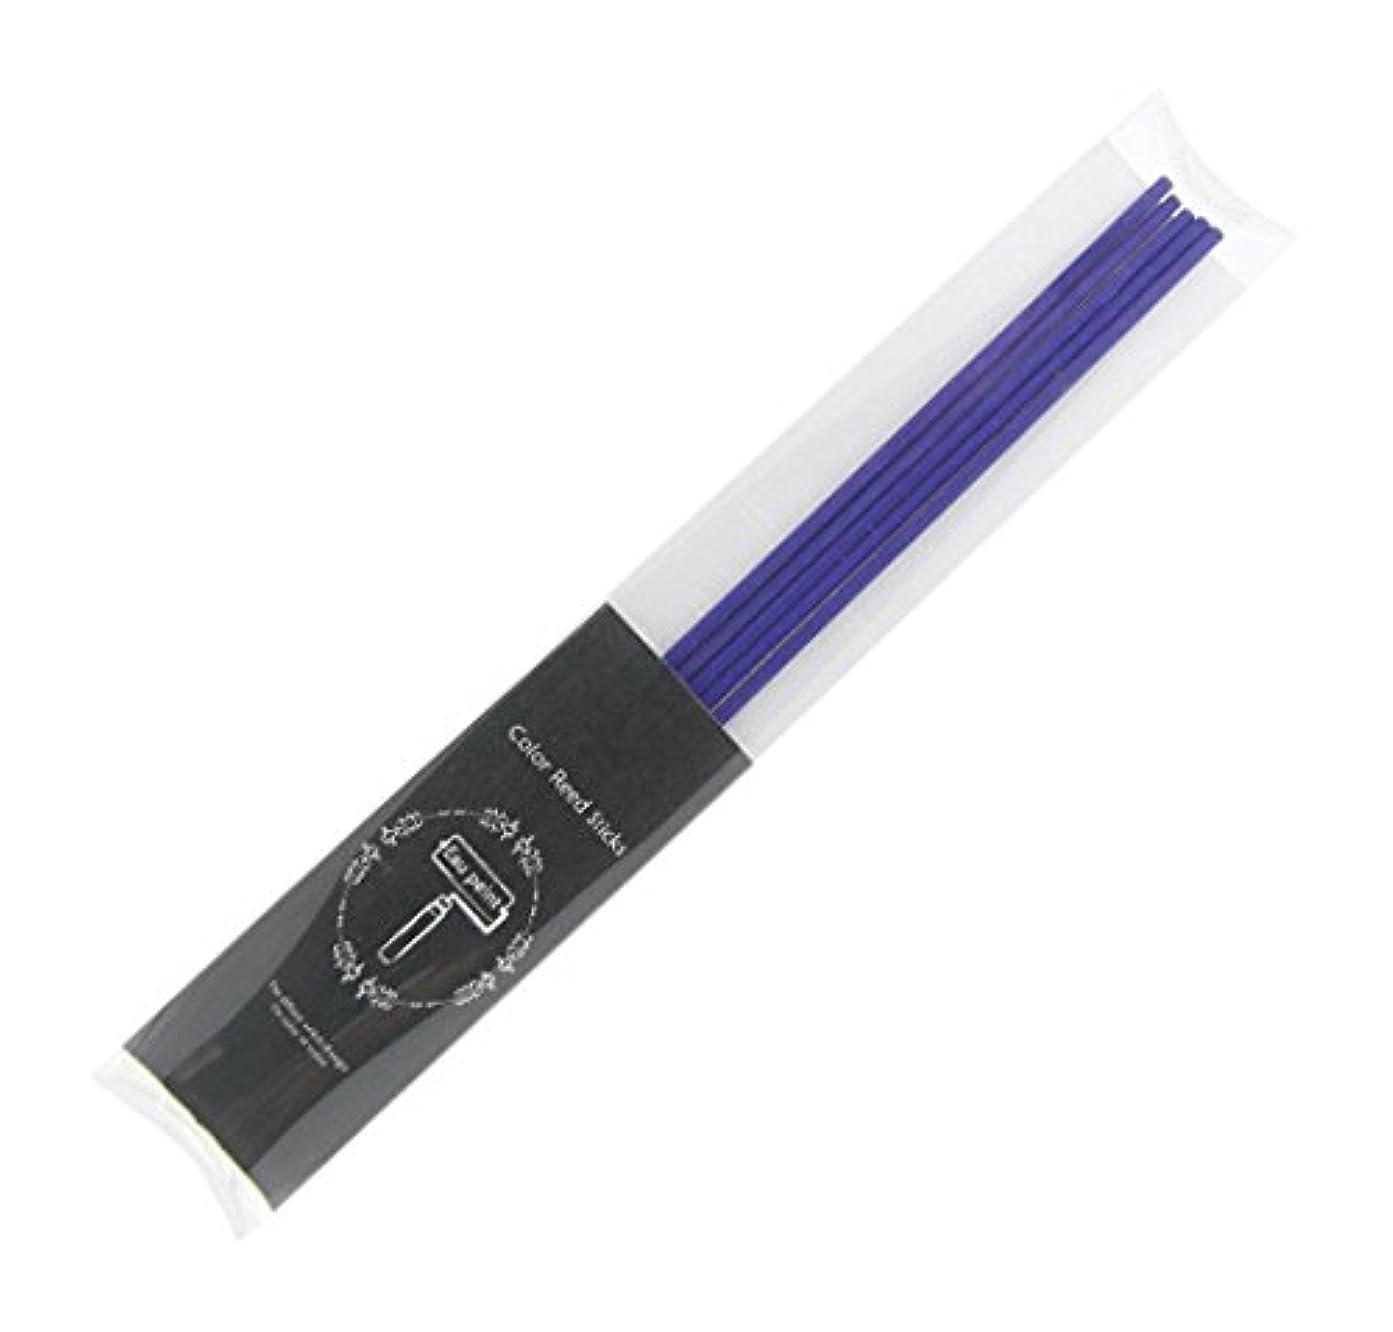 病気の変なバドミントンEau peint mais+ カラースティック リードディフューザー用スティック 5本入 パープル Purple オーペイント マイス